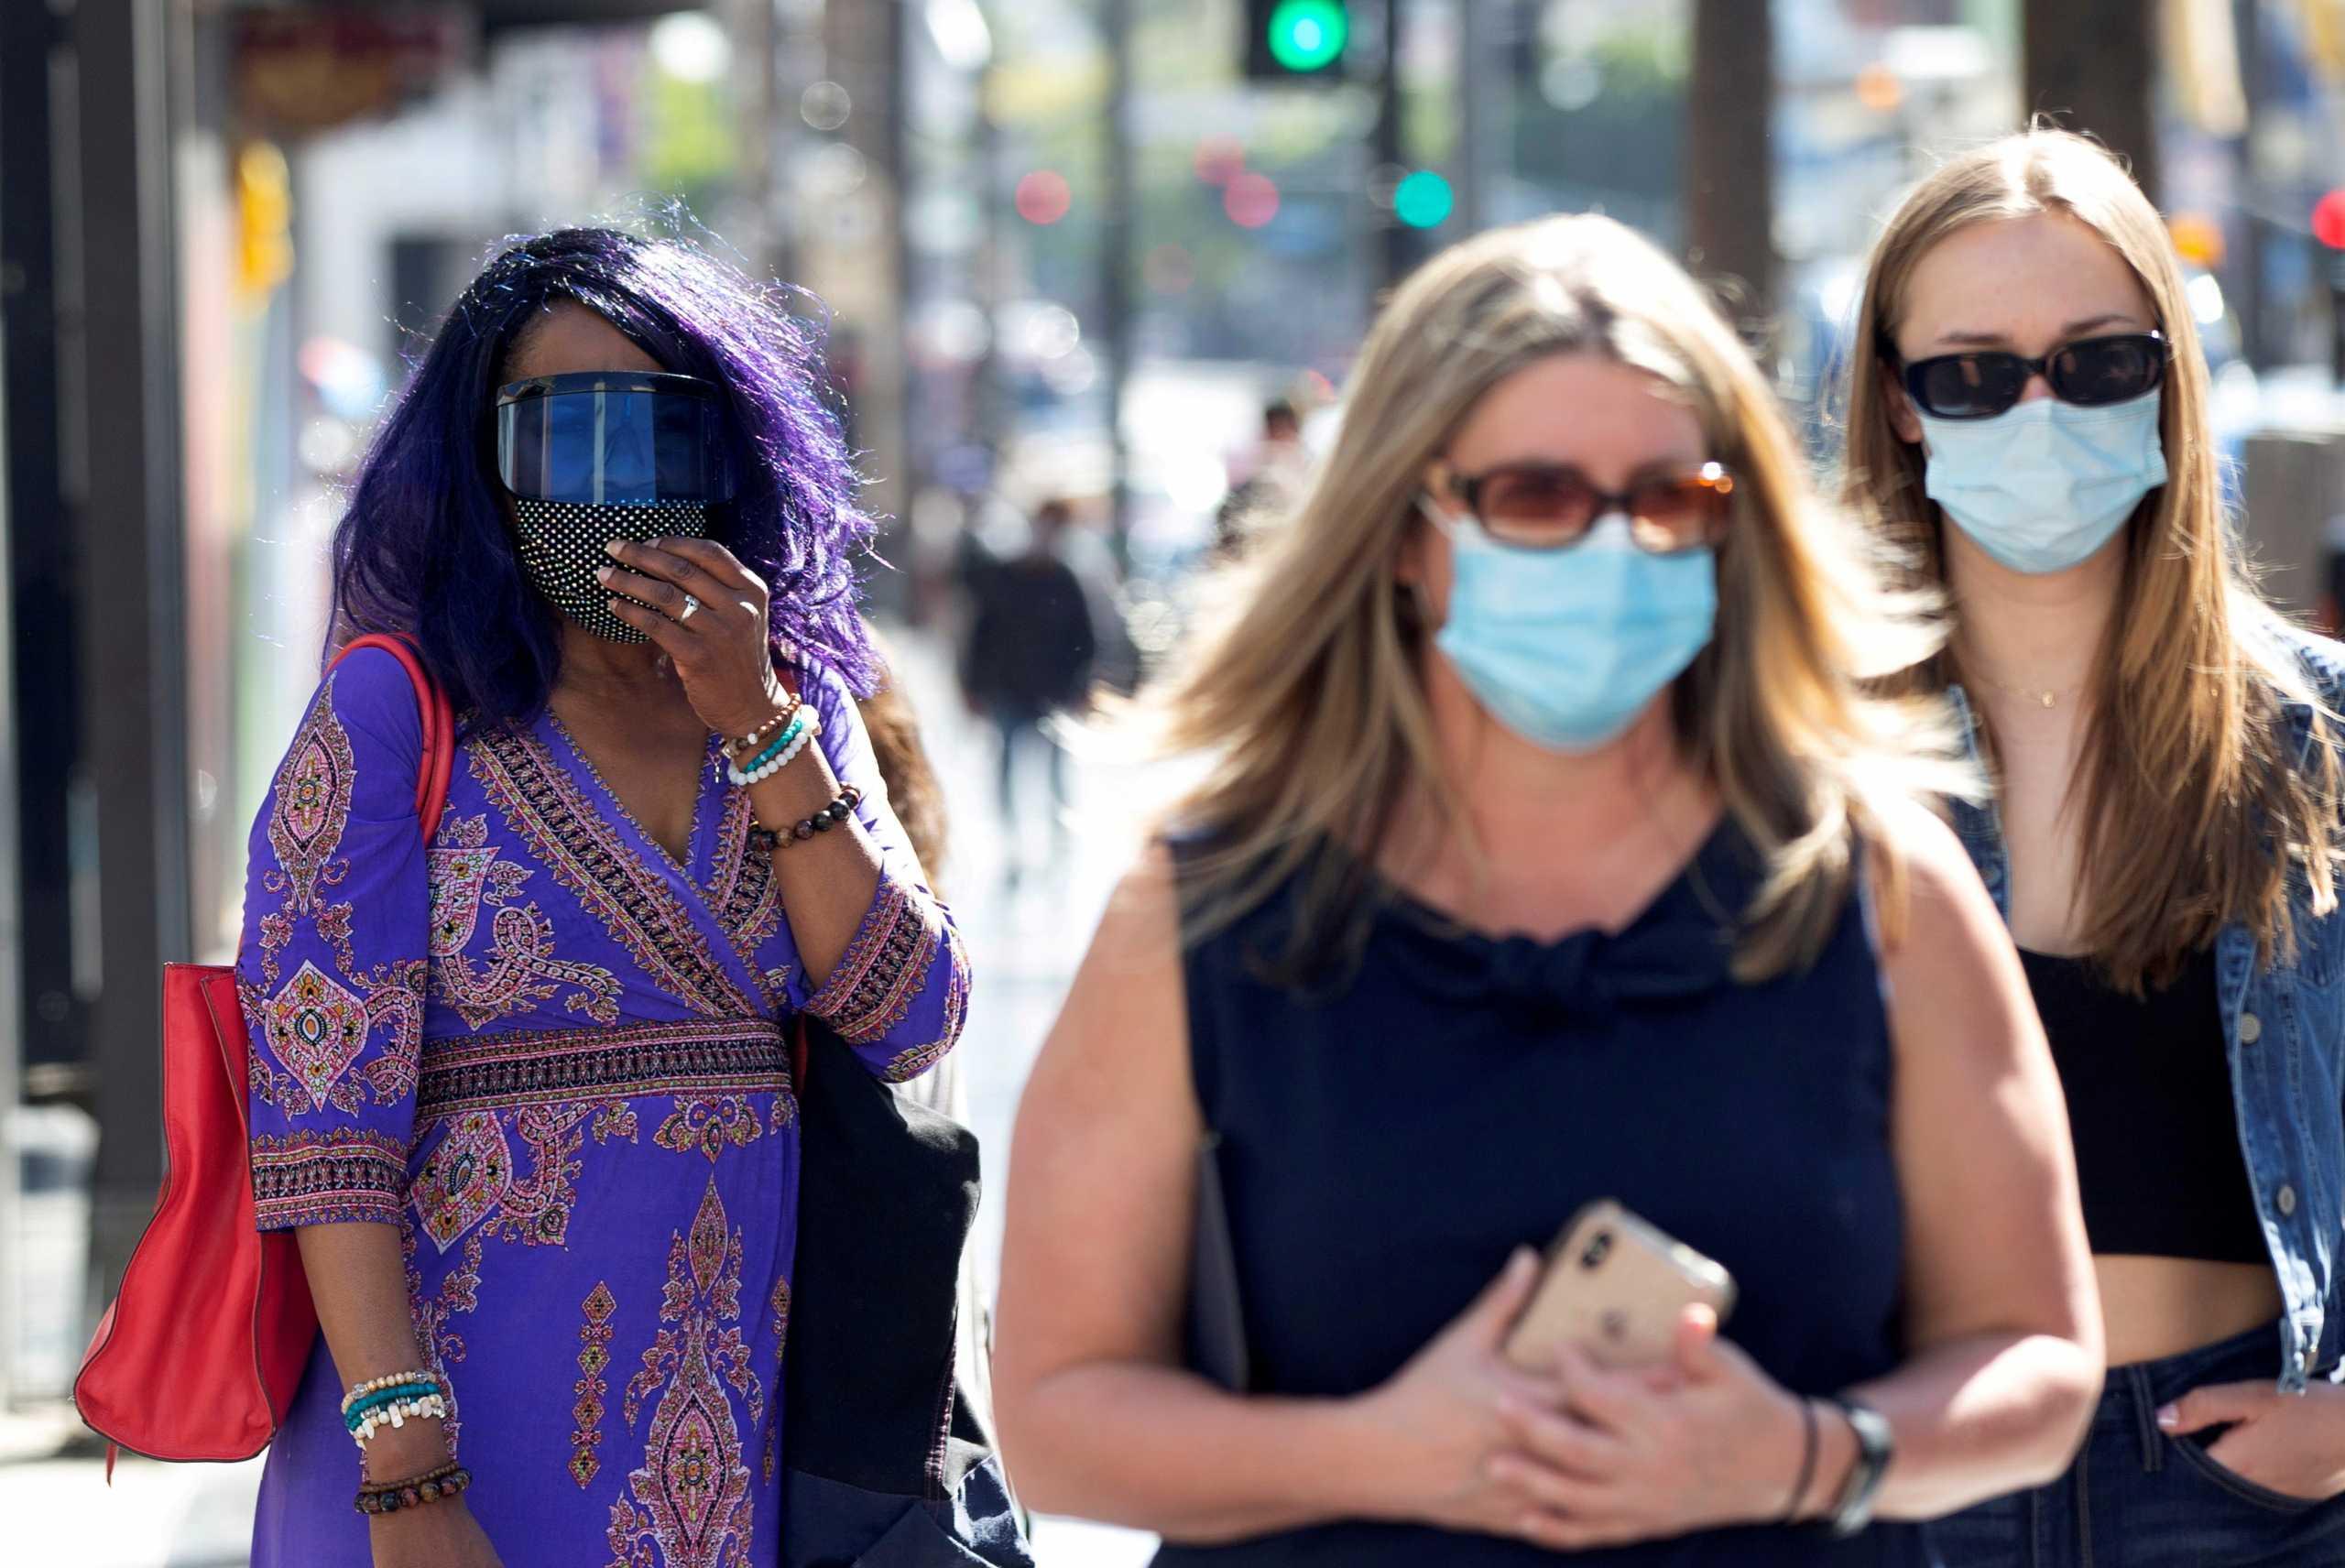 Κορονοϊός – Λος Άντζελες: Με μάσκα σε υπαίθρια φεστιβάλ και συναυλίες και οι εμβολιασμένοι